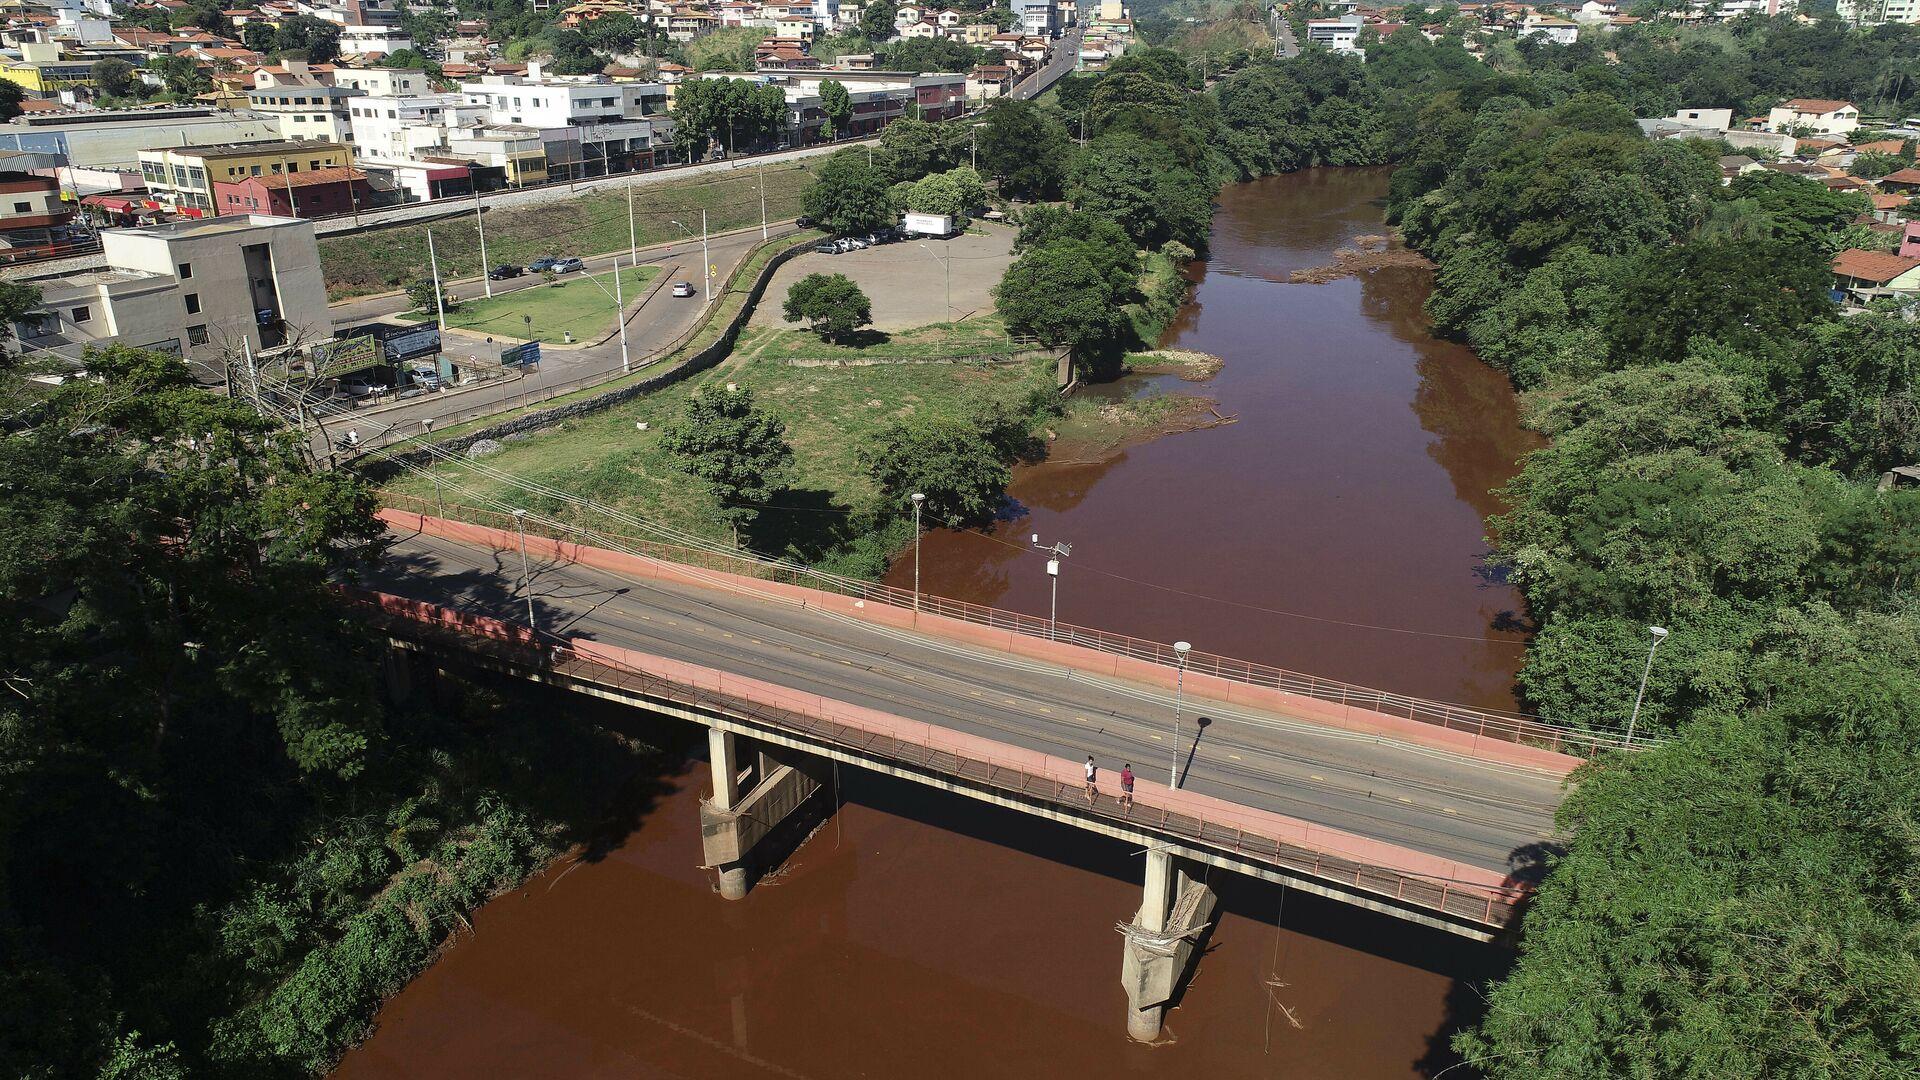 Vista del río Paraobeba en Brumadinho, Brasil - Sputnik Mundo, 1920, 27.05.2021